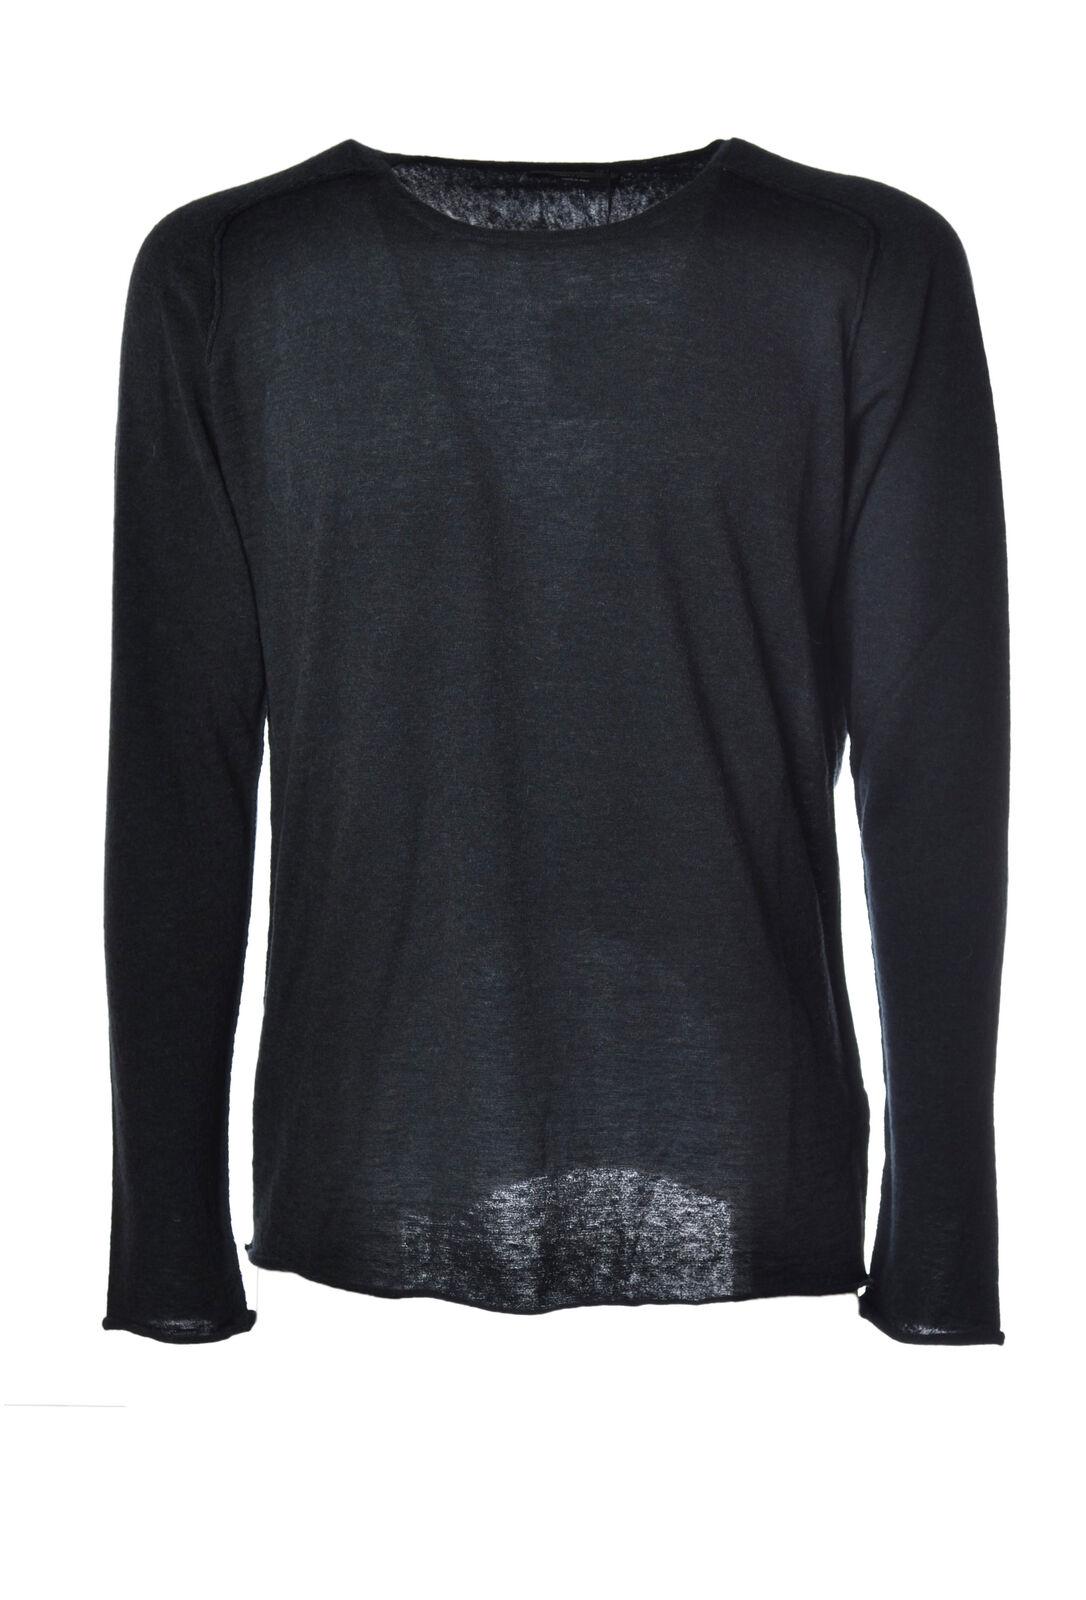 Roberto Collina  -  Sweaters - Male - Green - 2425026N174158